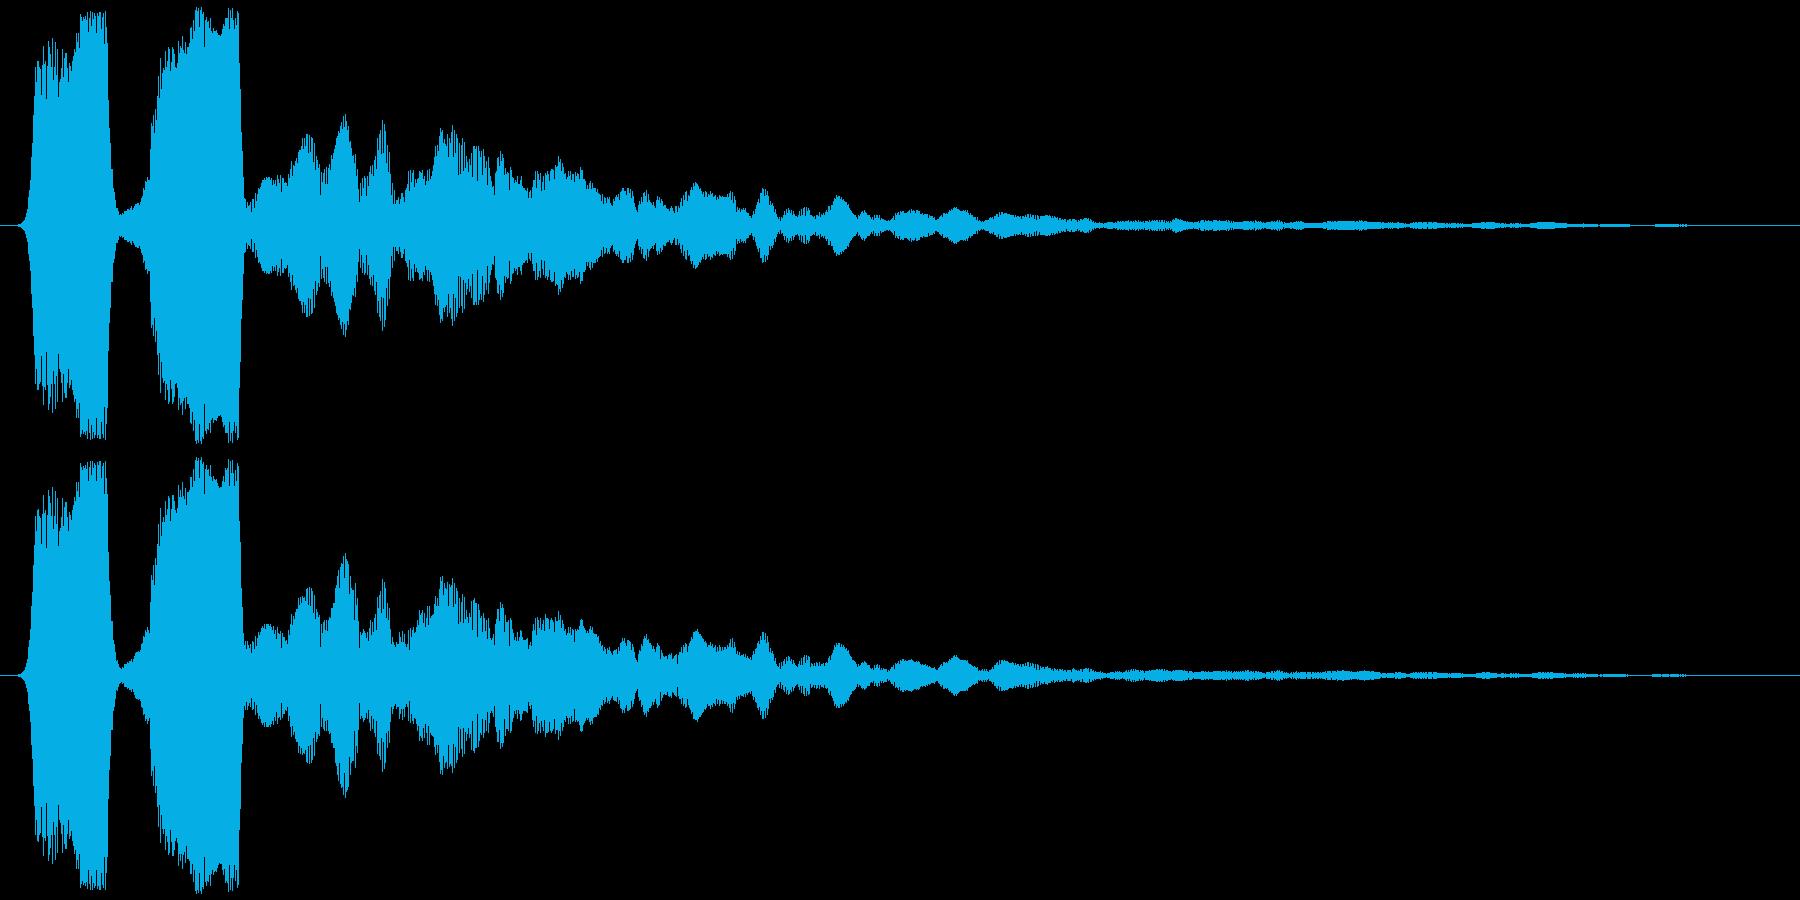 ソナー (戦闘艦、戦闘機等) ピィッッ…の再生済みの波形